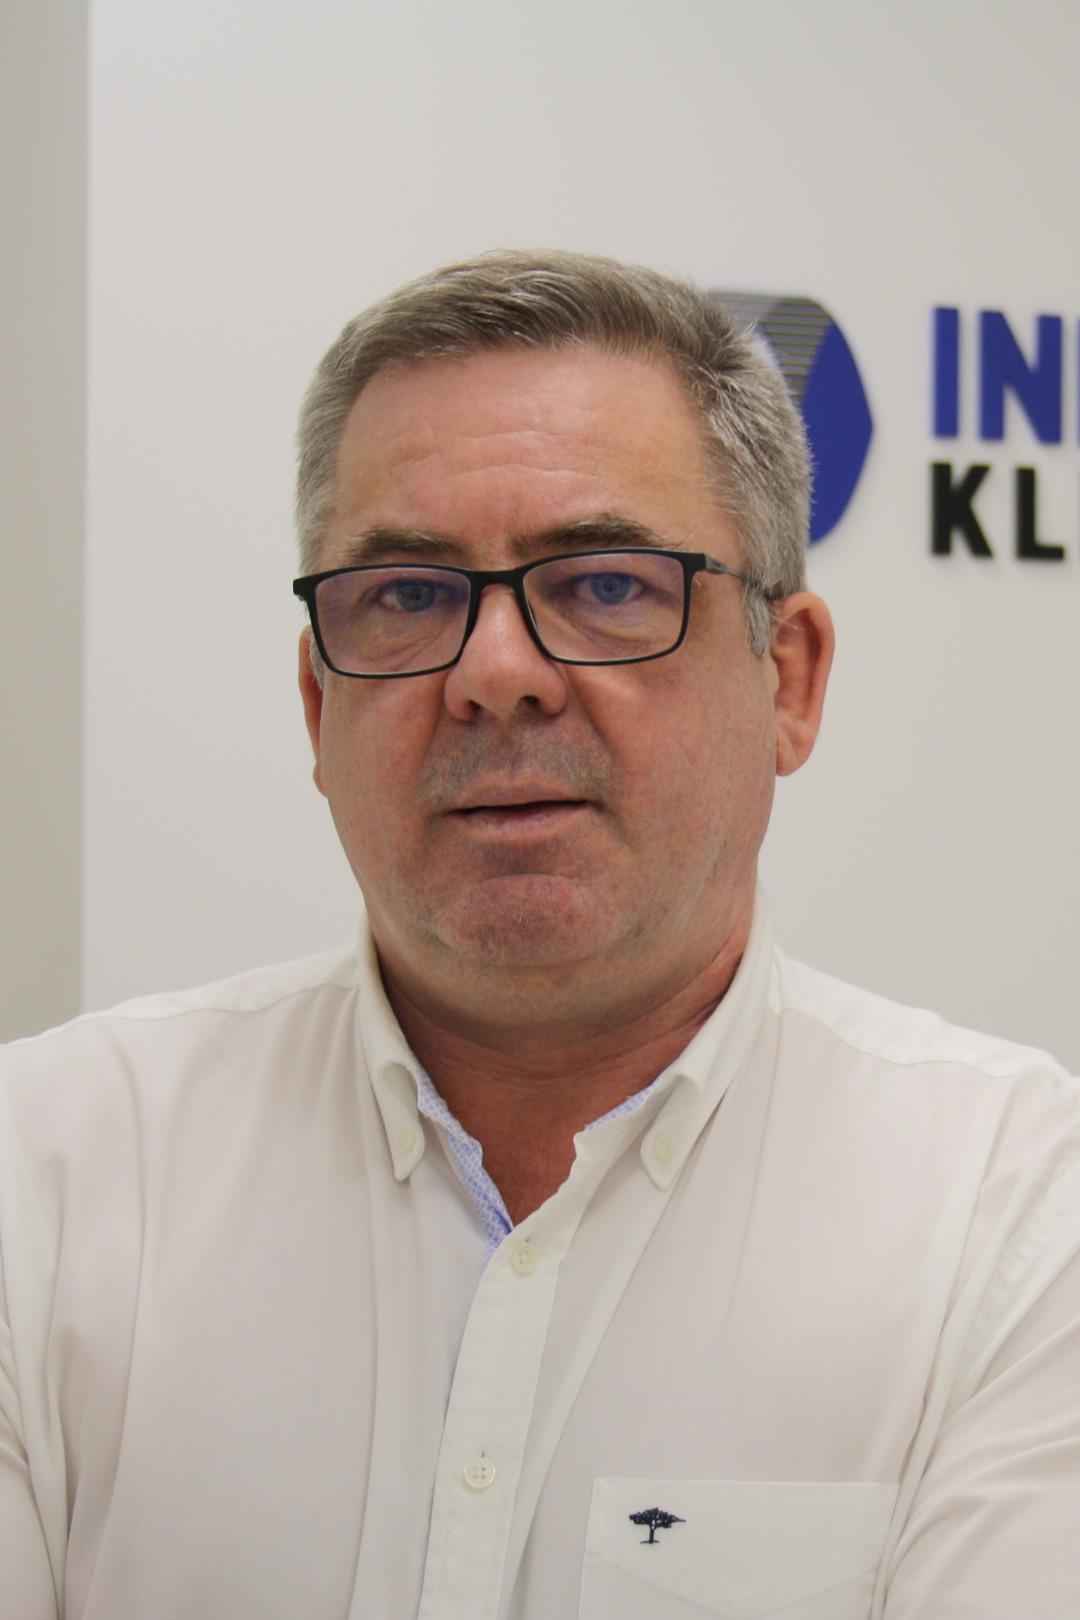 Mindaugas Paškevičius